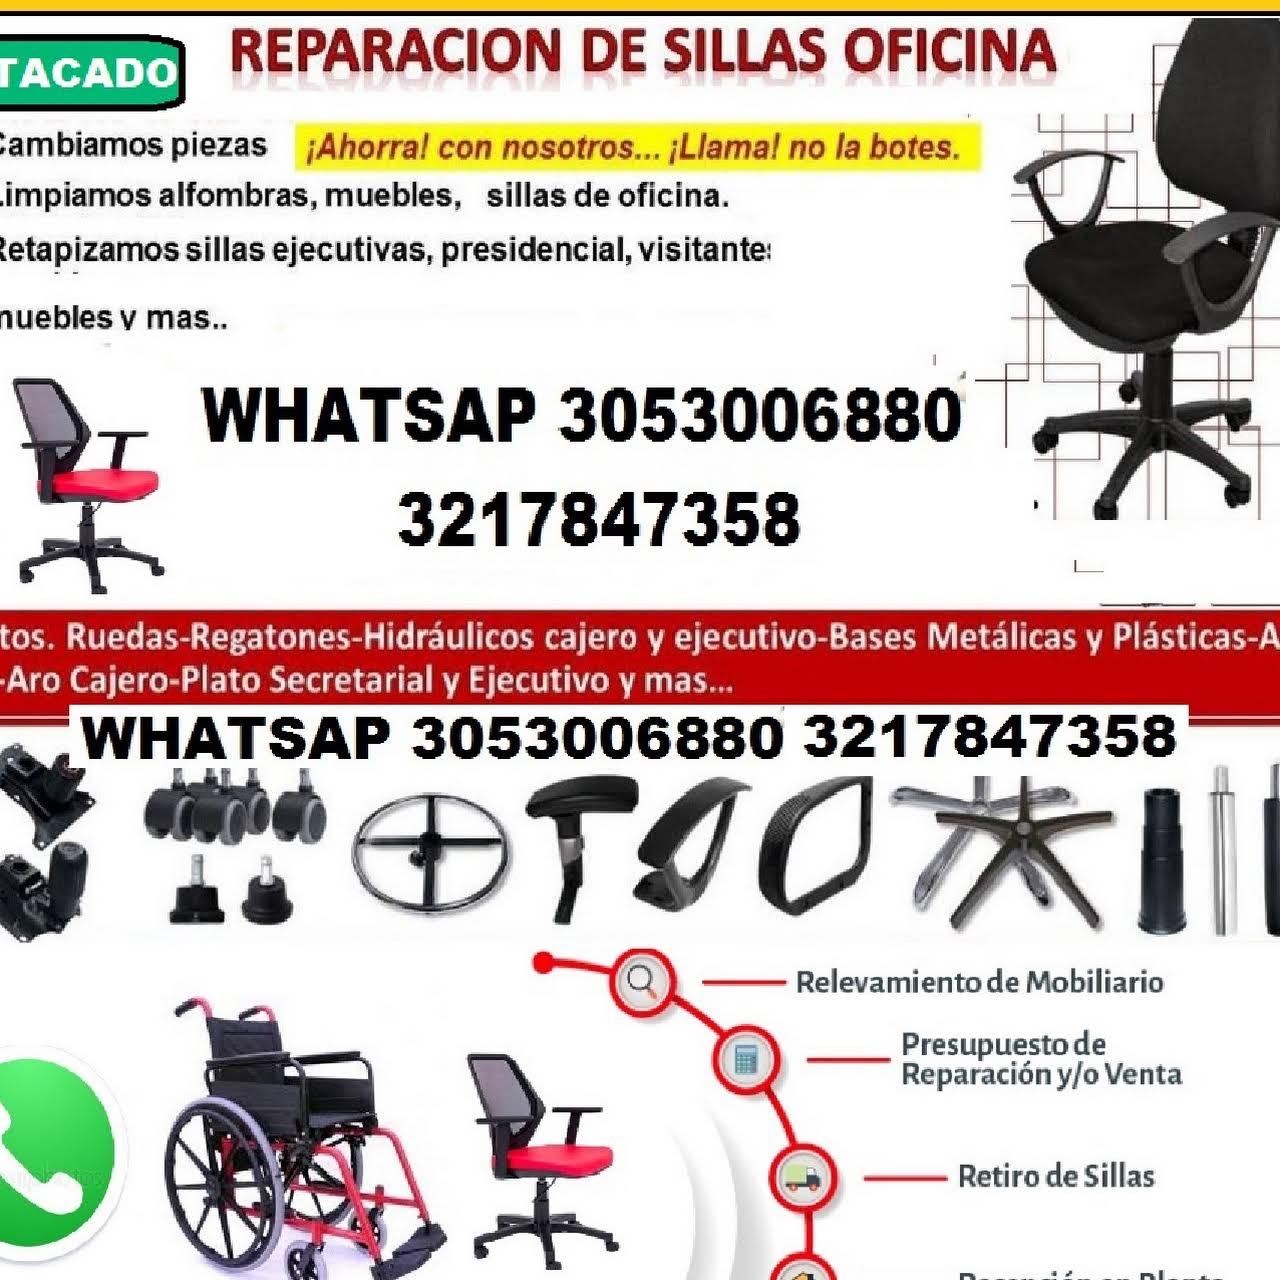 Metalica Oficina Base 4j3rl5aq Silla Reparar Jrl3a54 R5Acq4jL3S